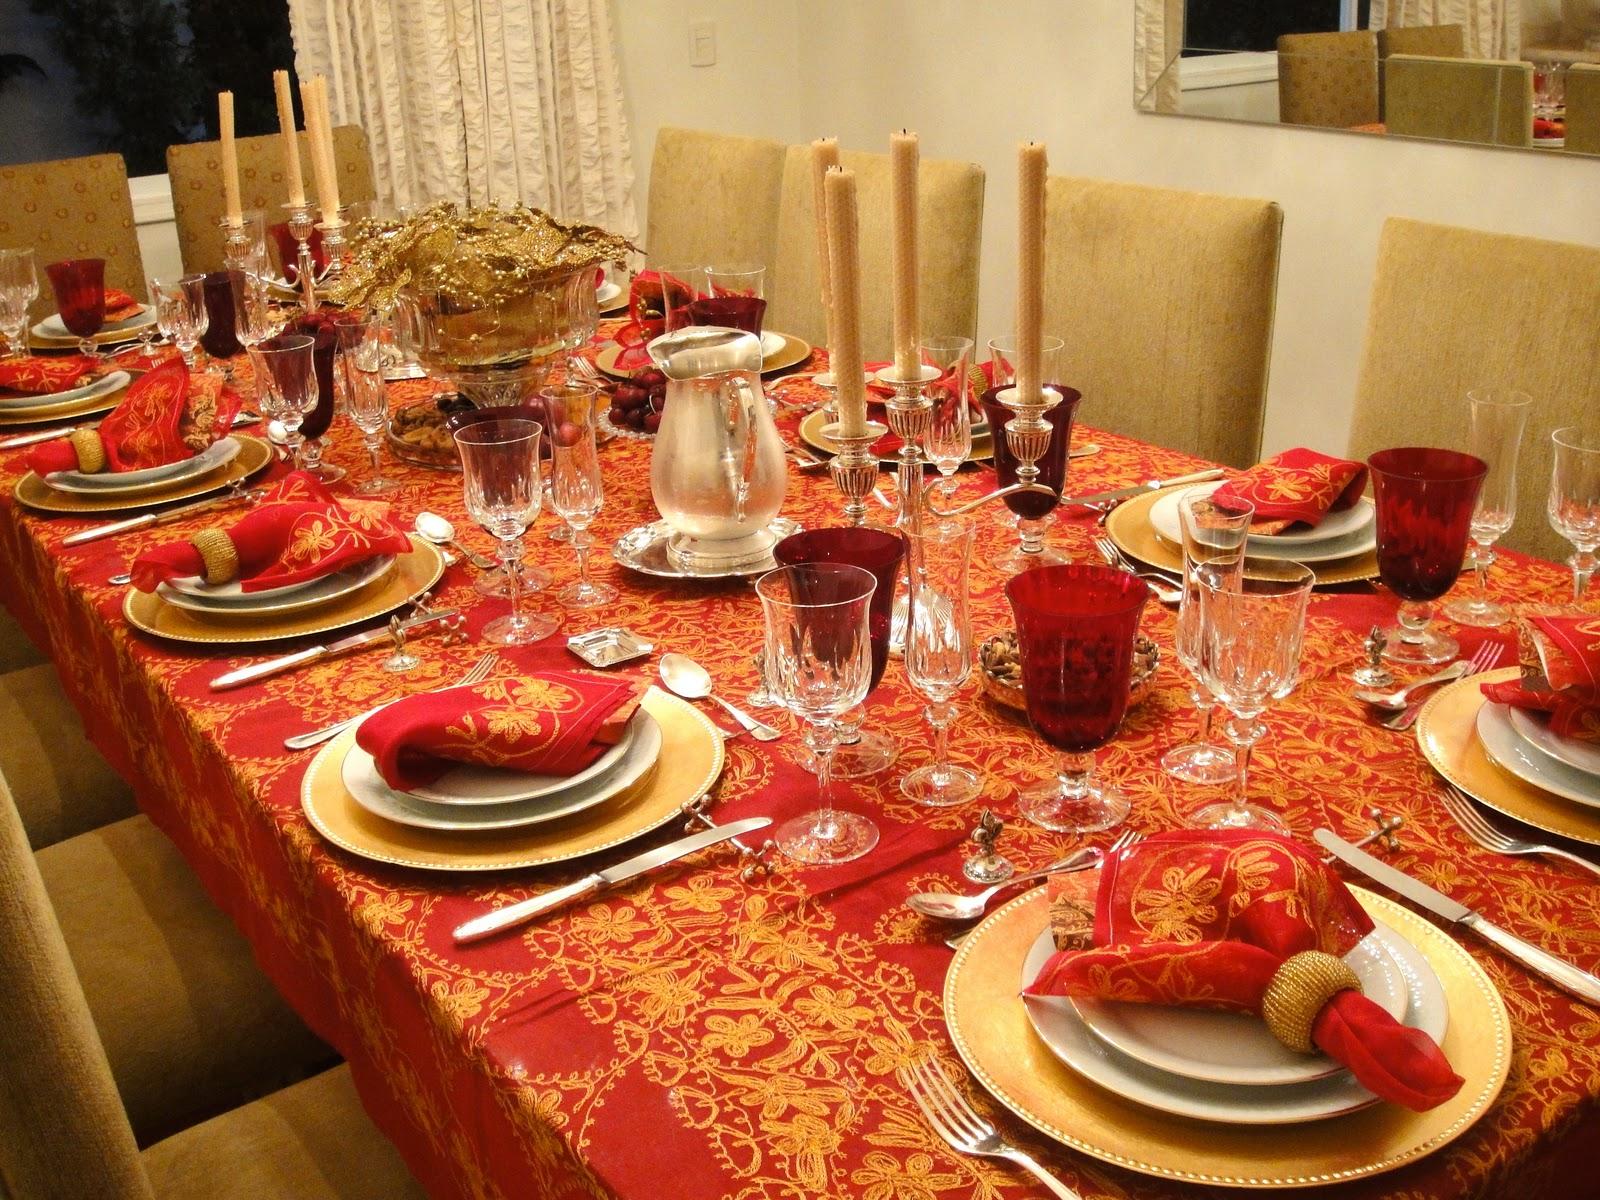 O que as mulheres devem saber decor mesas natalinas - Fotos de mesas decoradas ...